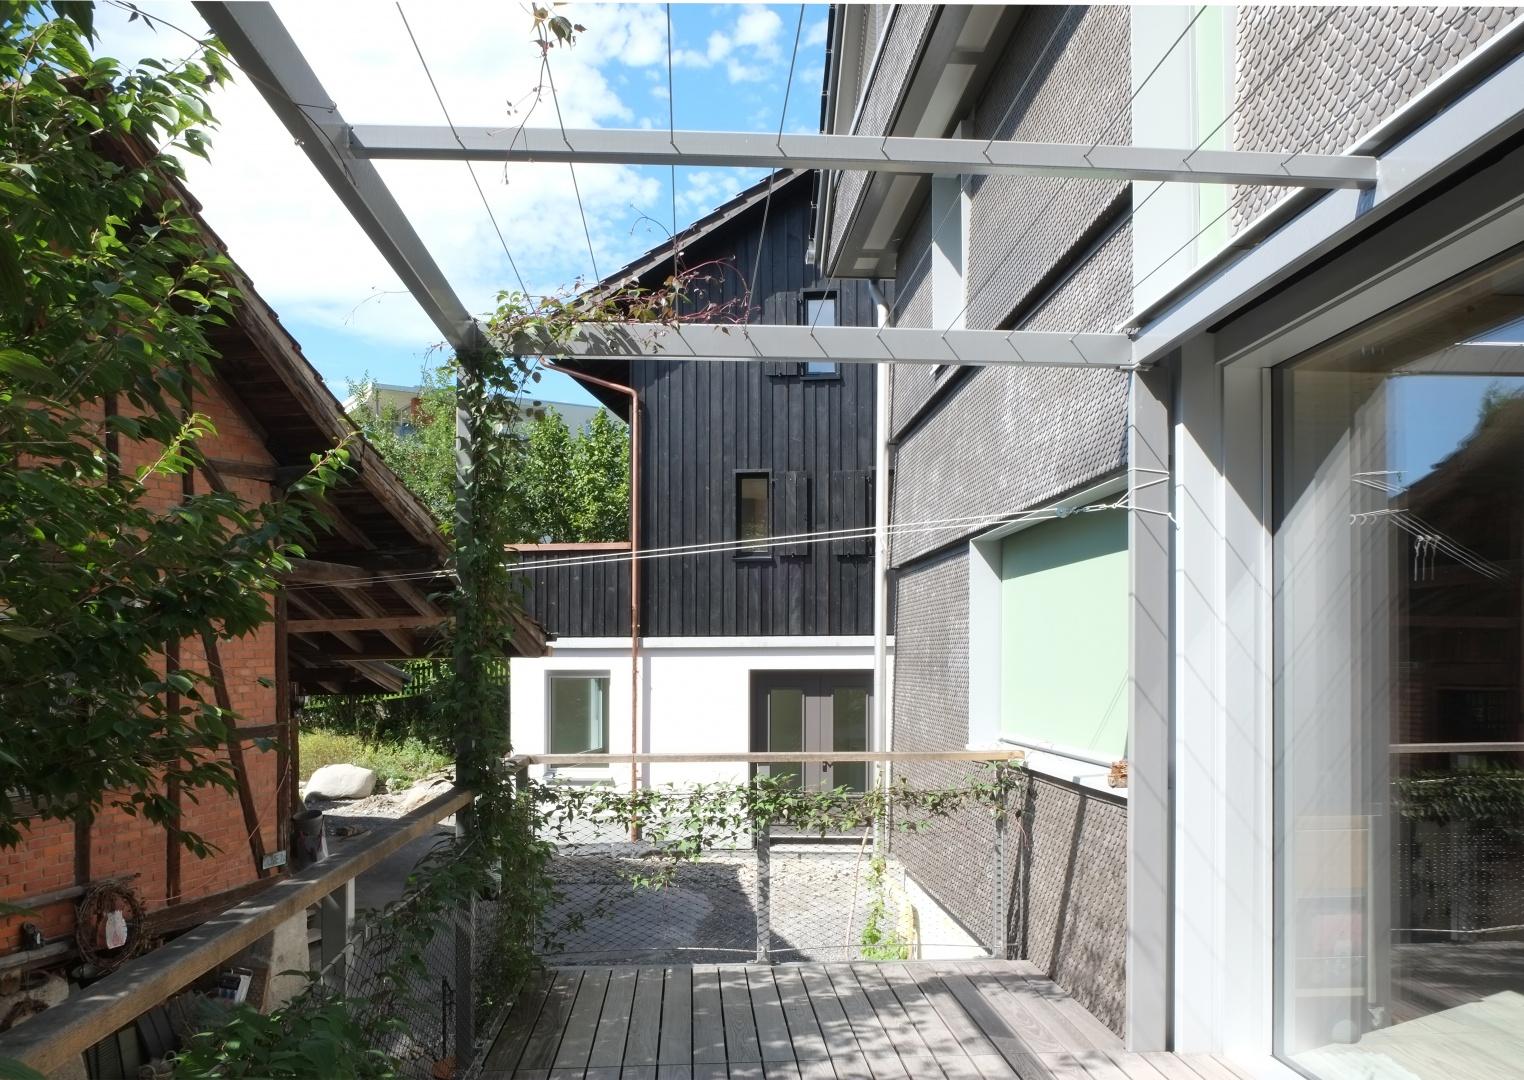 Gesamtansicht Hofanlage mit Schopf © Diego Zanghi, Binzstrasse 39, 8045 Zürich